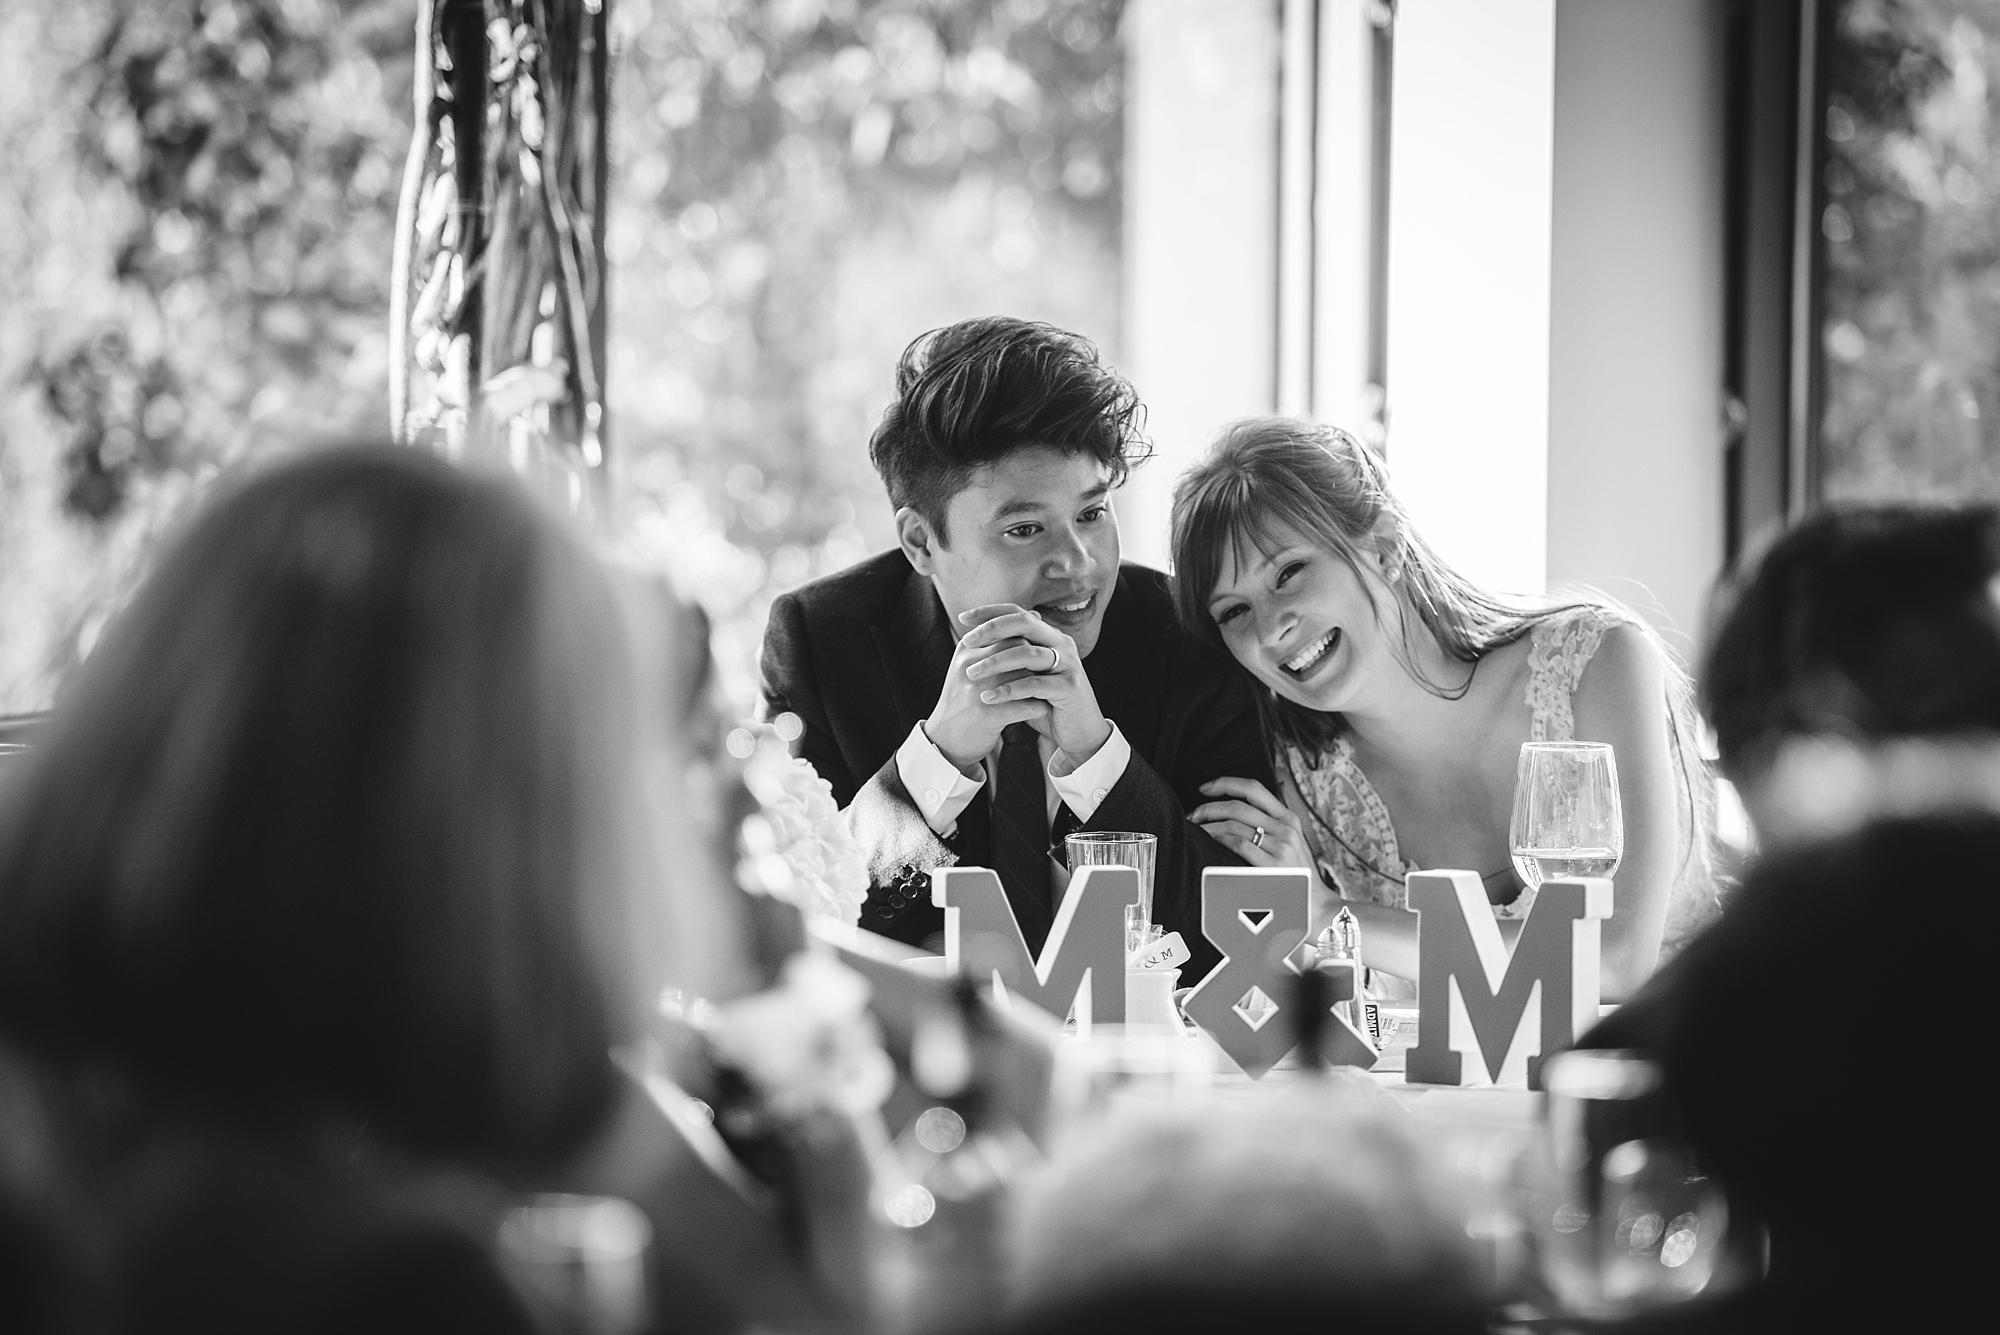 Calgary Wedding Photographer, Calgary Wedding Photography, YYC Wedding Photographer, YYC Wedding Photography, Valley Ridge Wedding, Valley Ridge Wedding Photographer, Valley Ridge